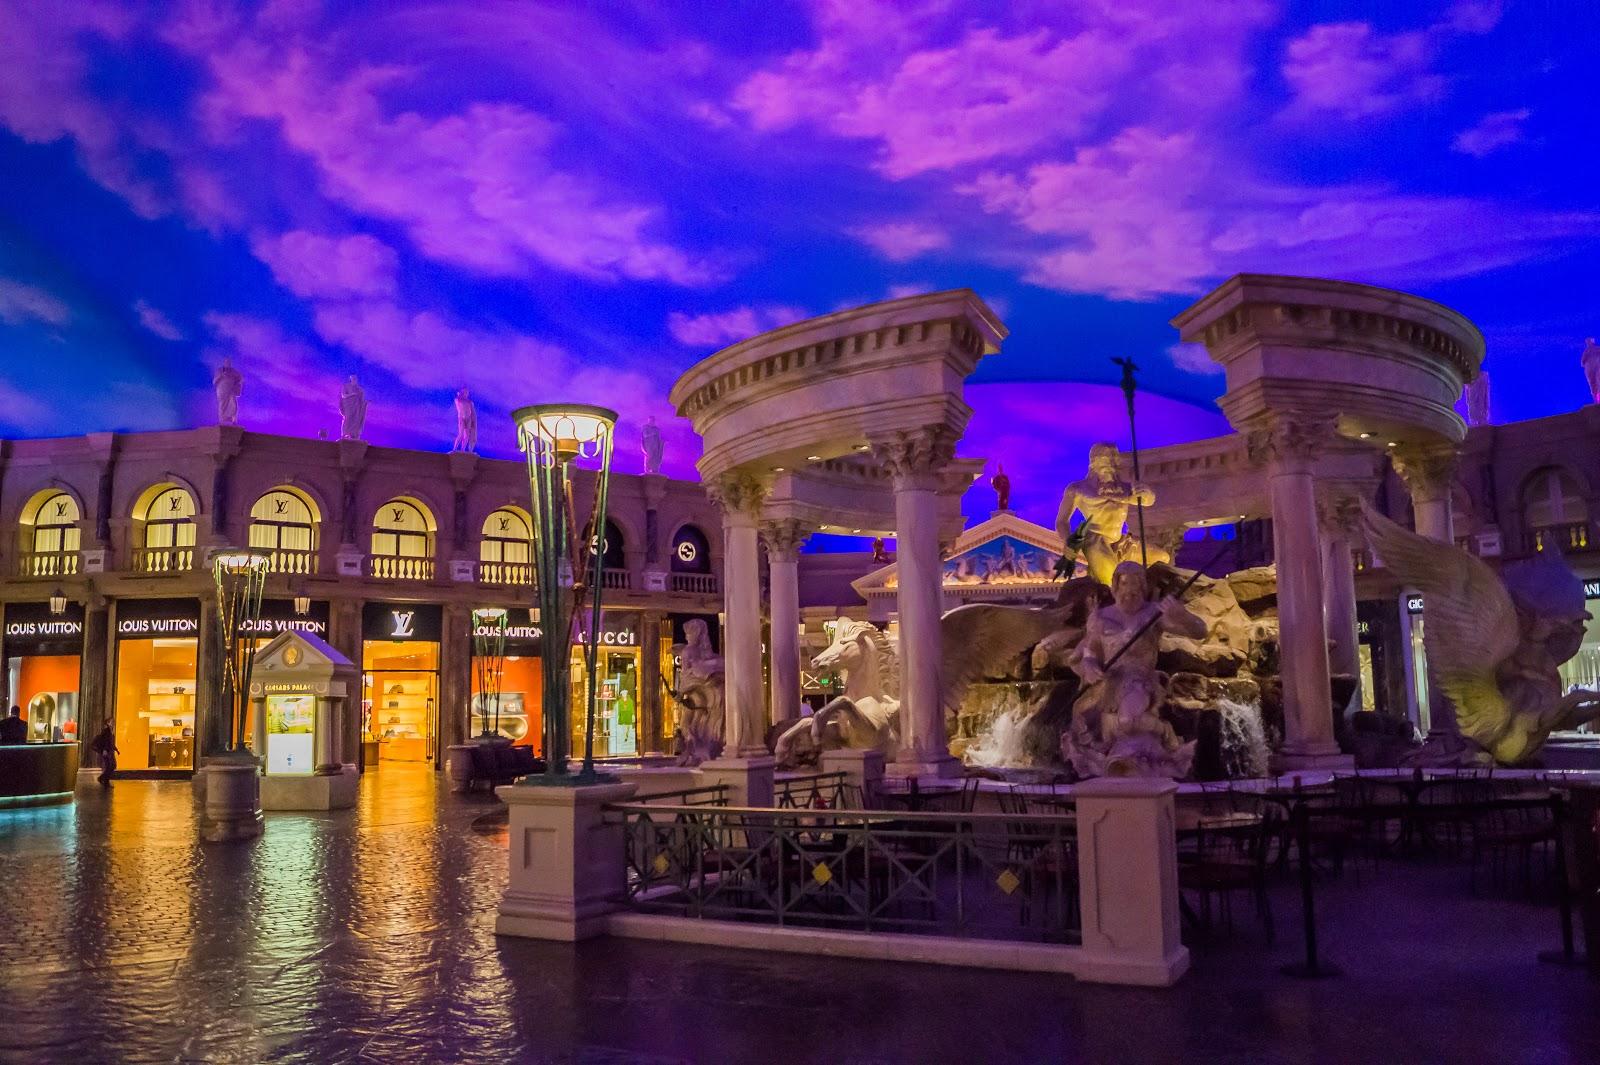 Сам торговый центр занимает огромную территорию и имитирует европейские улочки